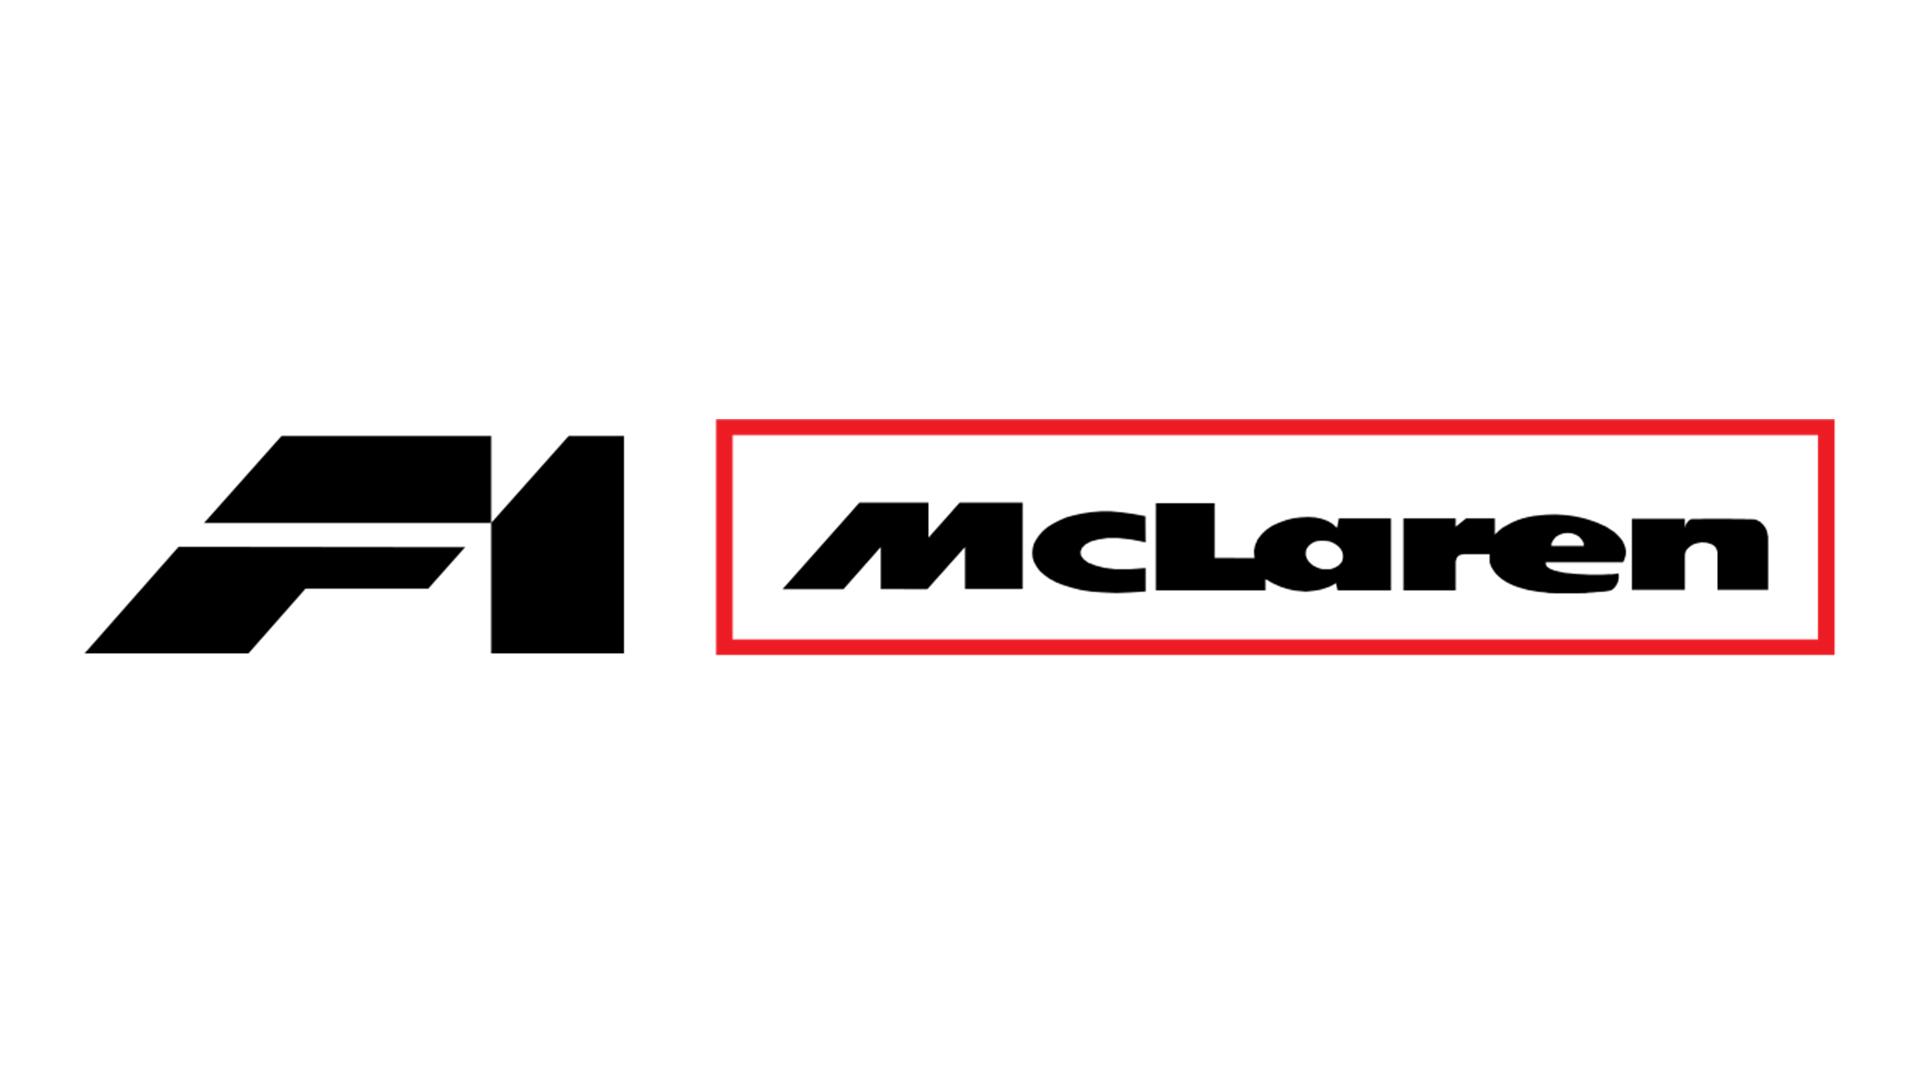 McLaren F1 - logotype